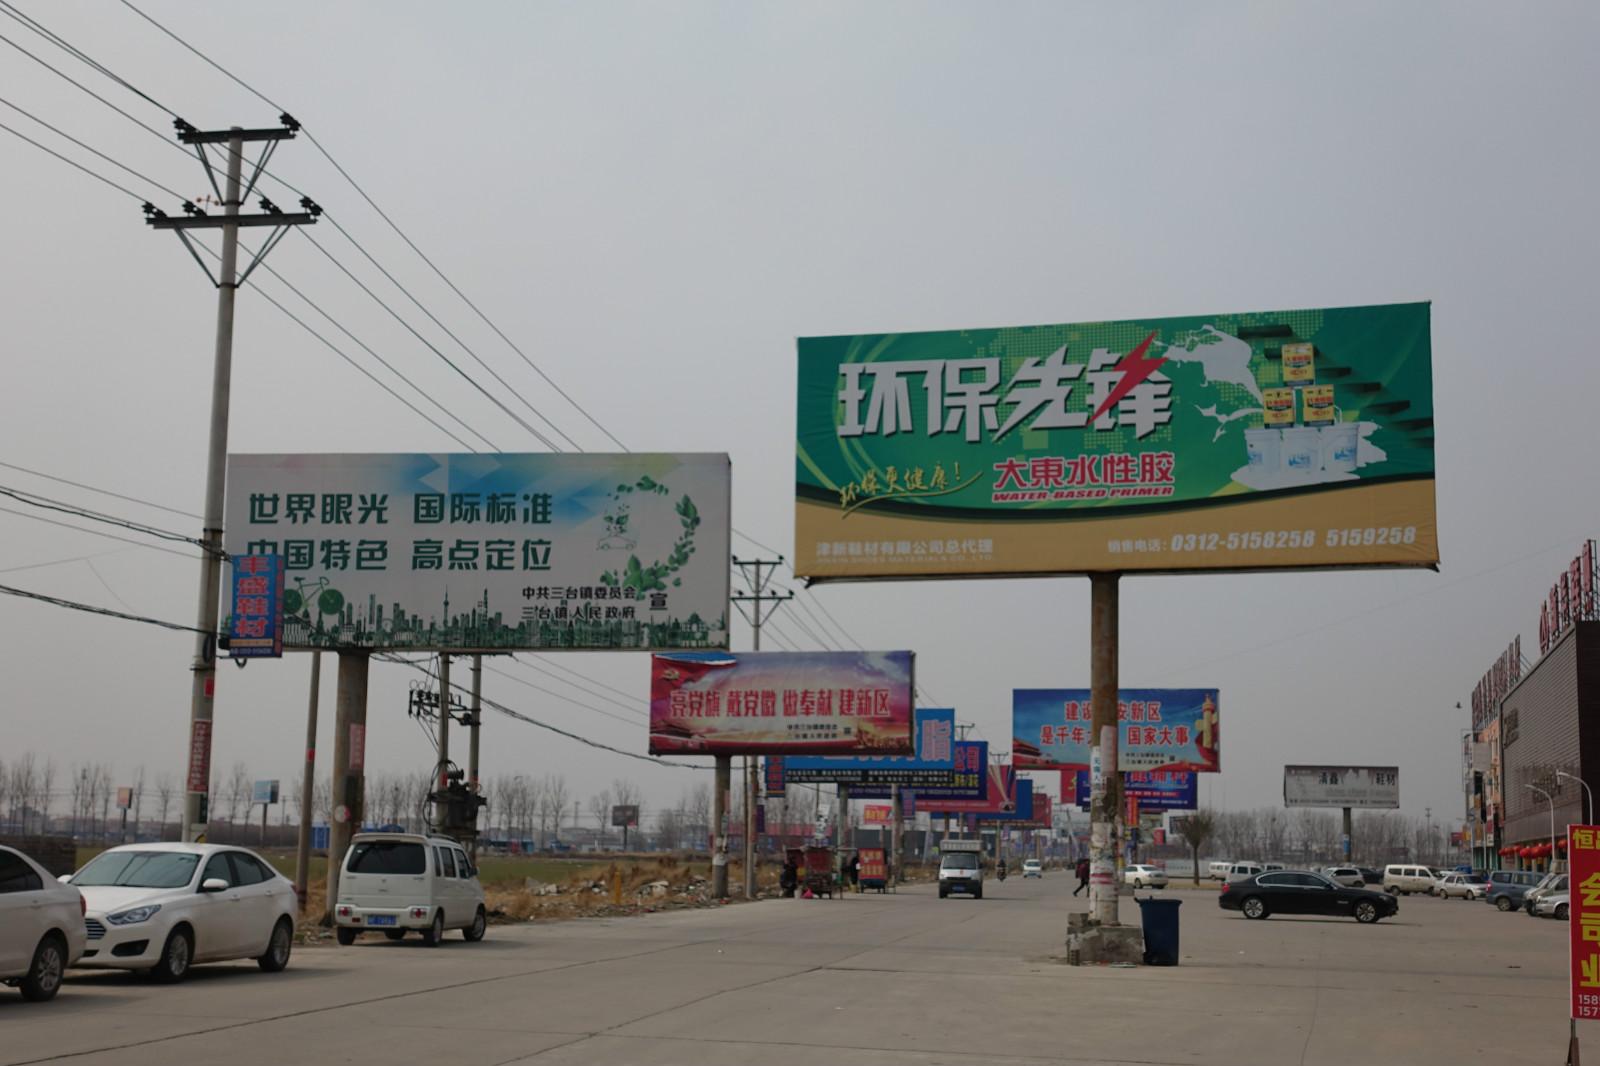 道路上铺天盖地的广告牌_meitu_4